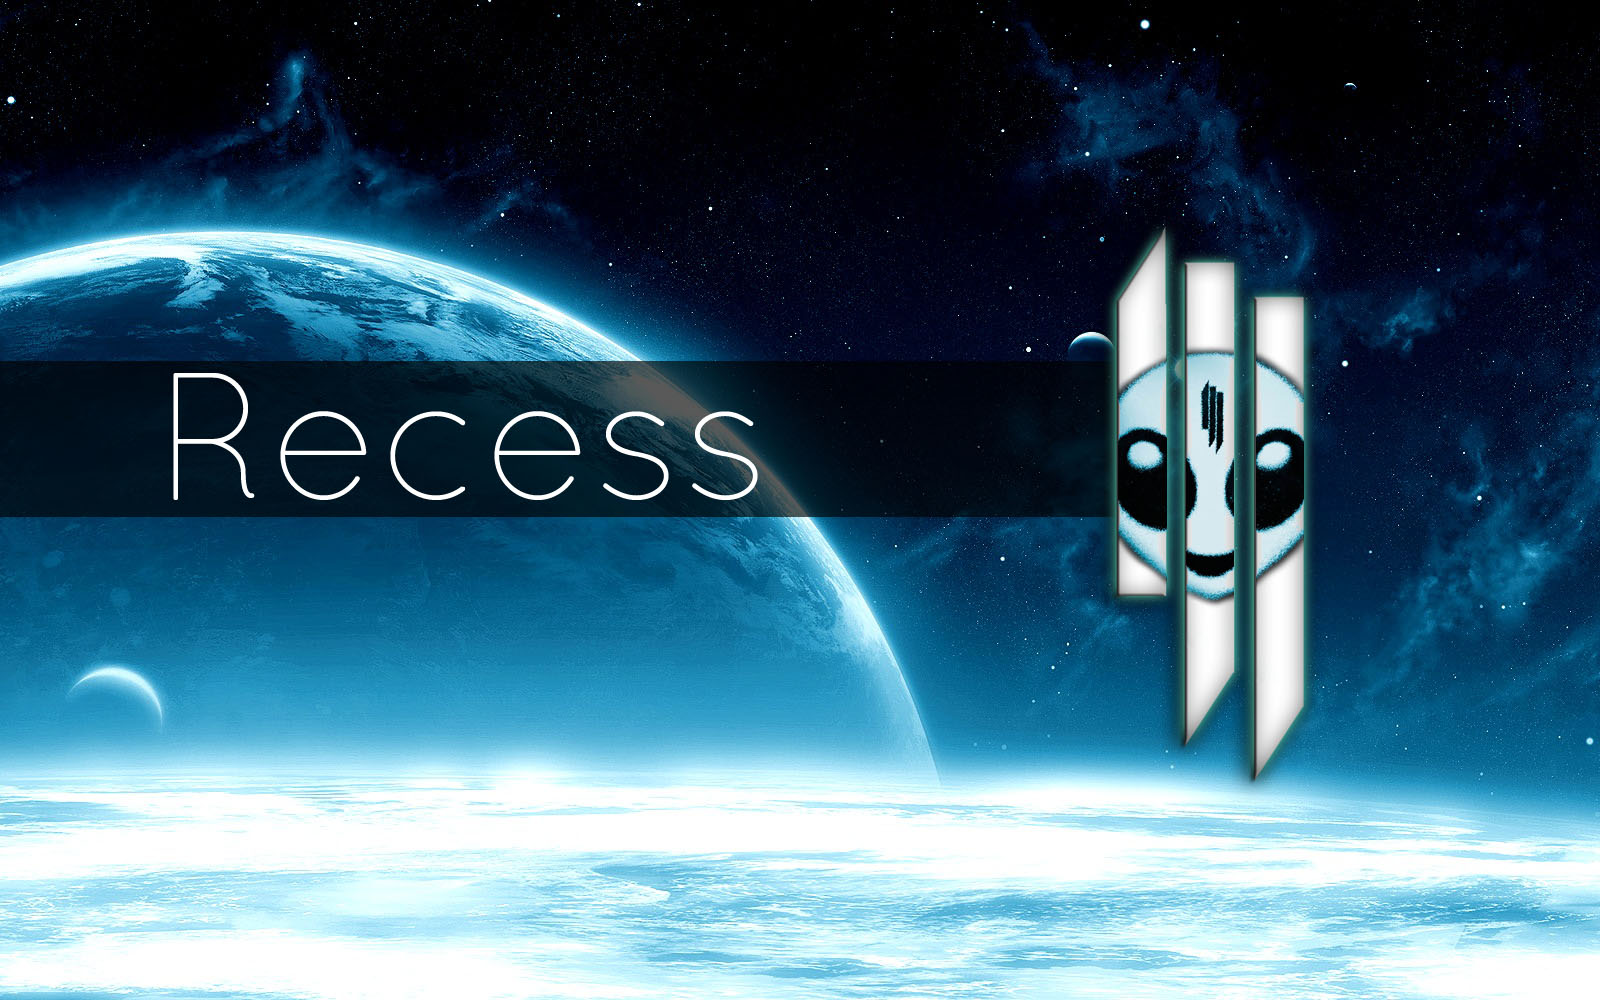 Skrillex Recess Wallpaper By Razor9809